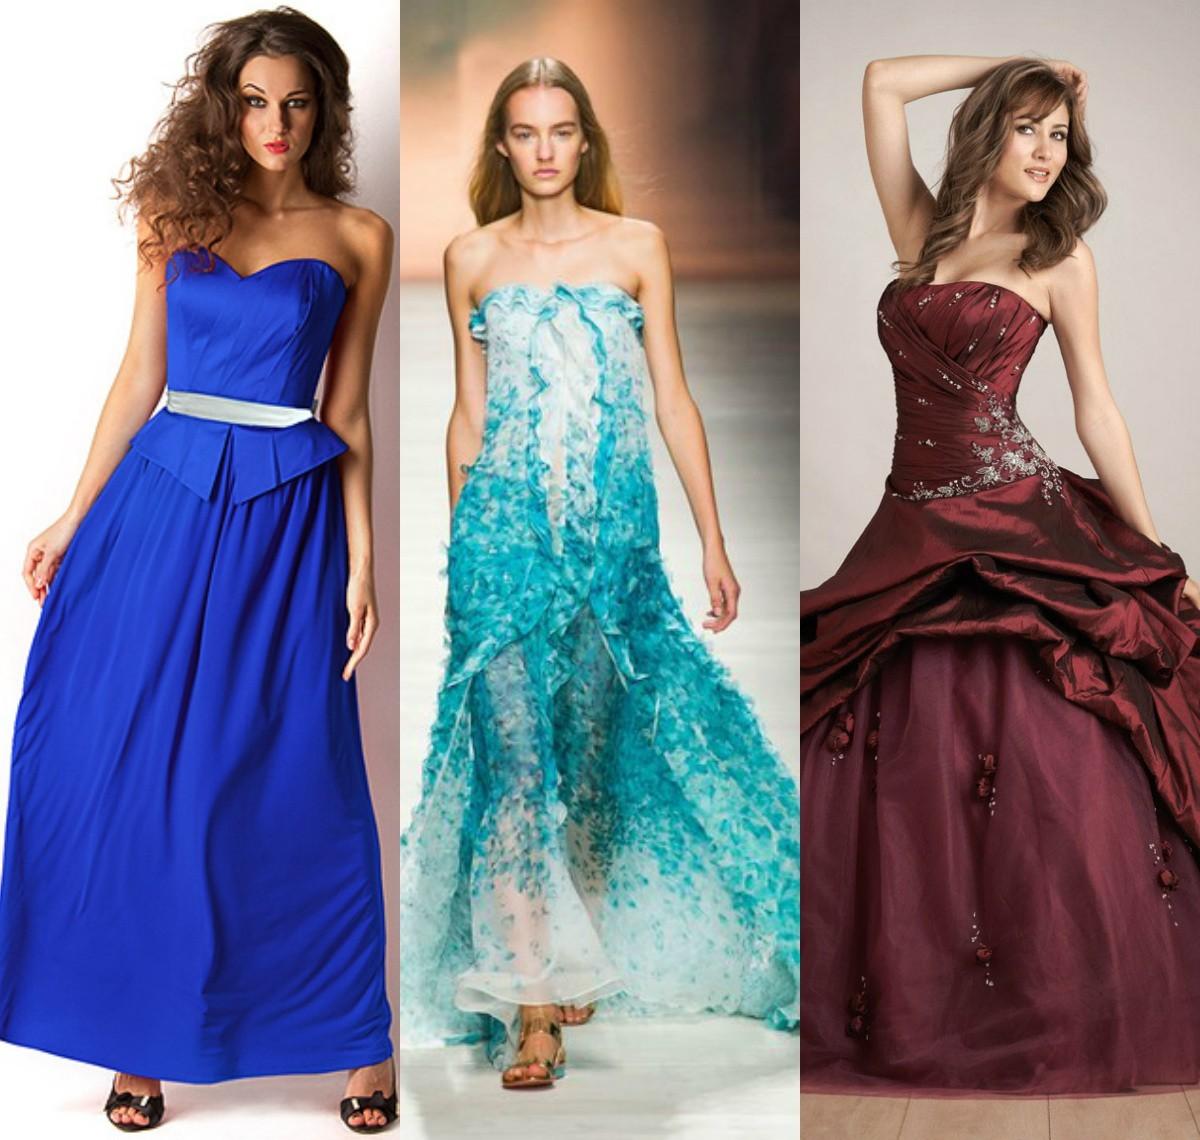 Какие цвета платьев модные в 2017 году: фото новинок, стили и